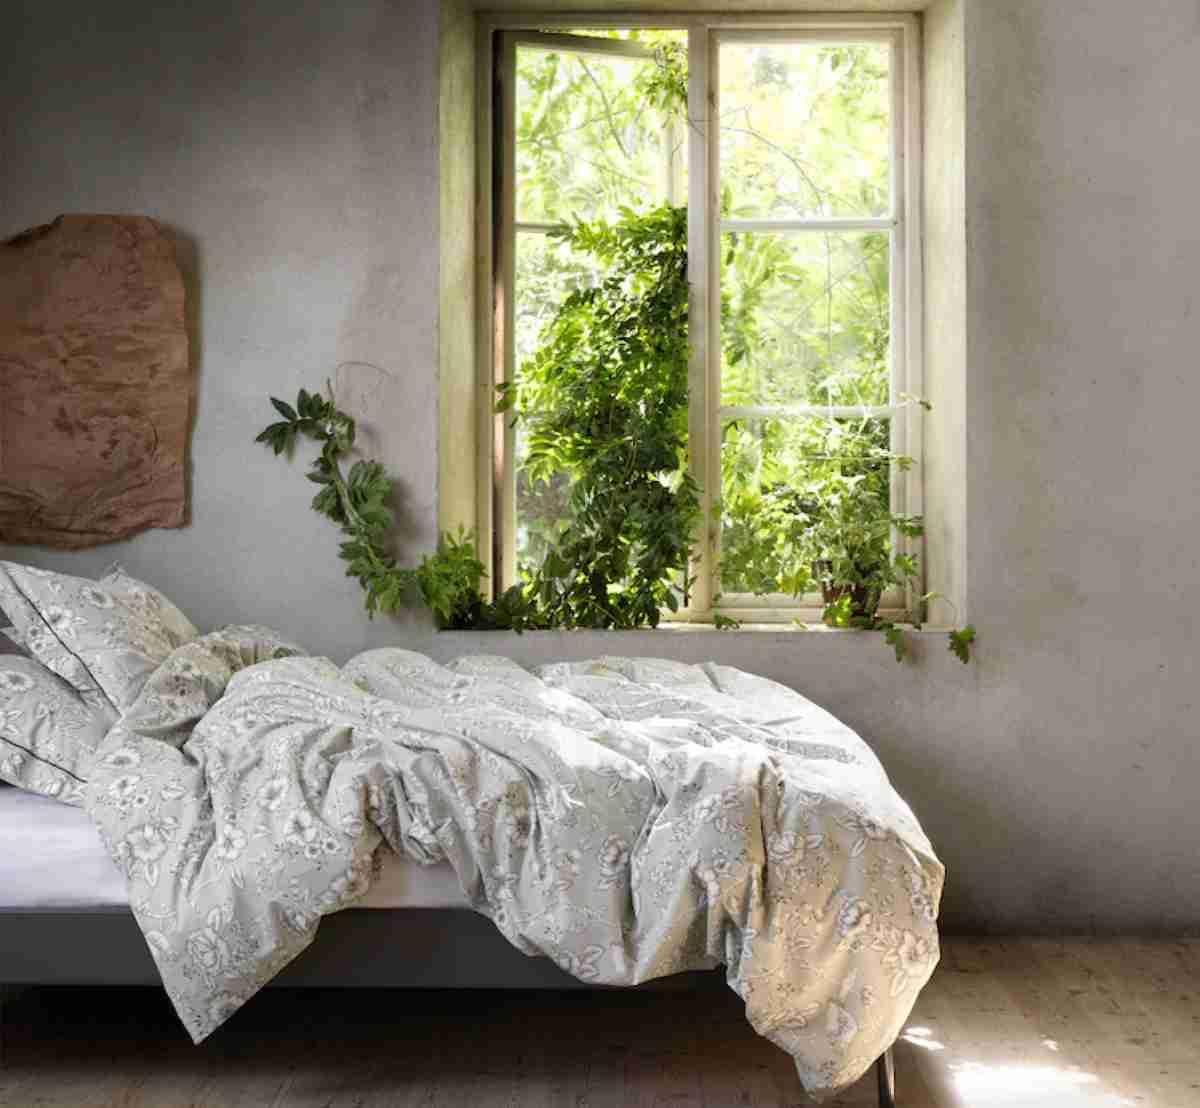 dormitorio con estampado floral de ikea